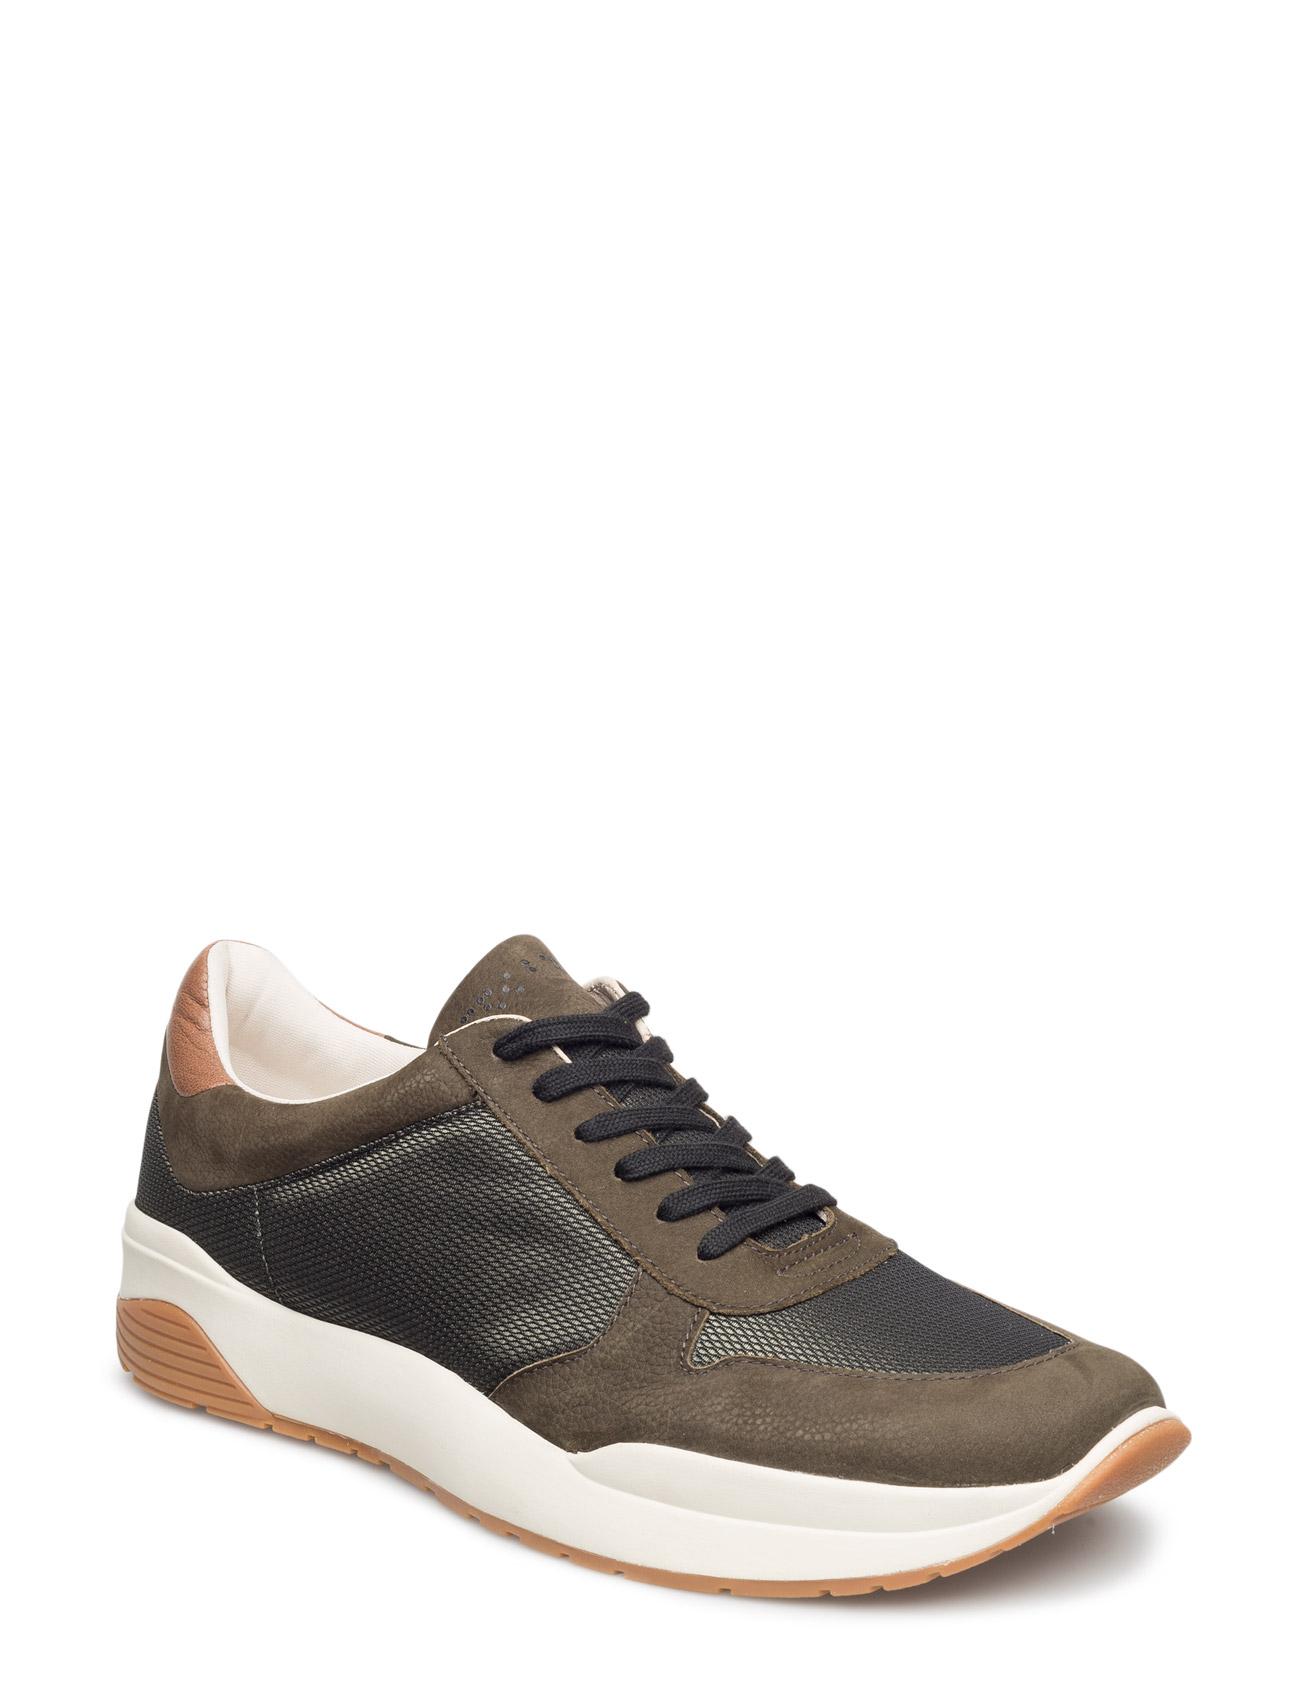 Connor VAGABOND Sneakers til Herrer i Oliven